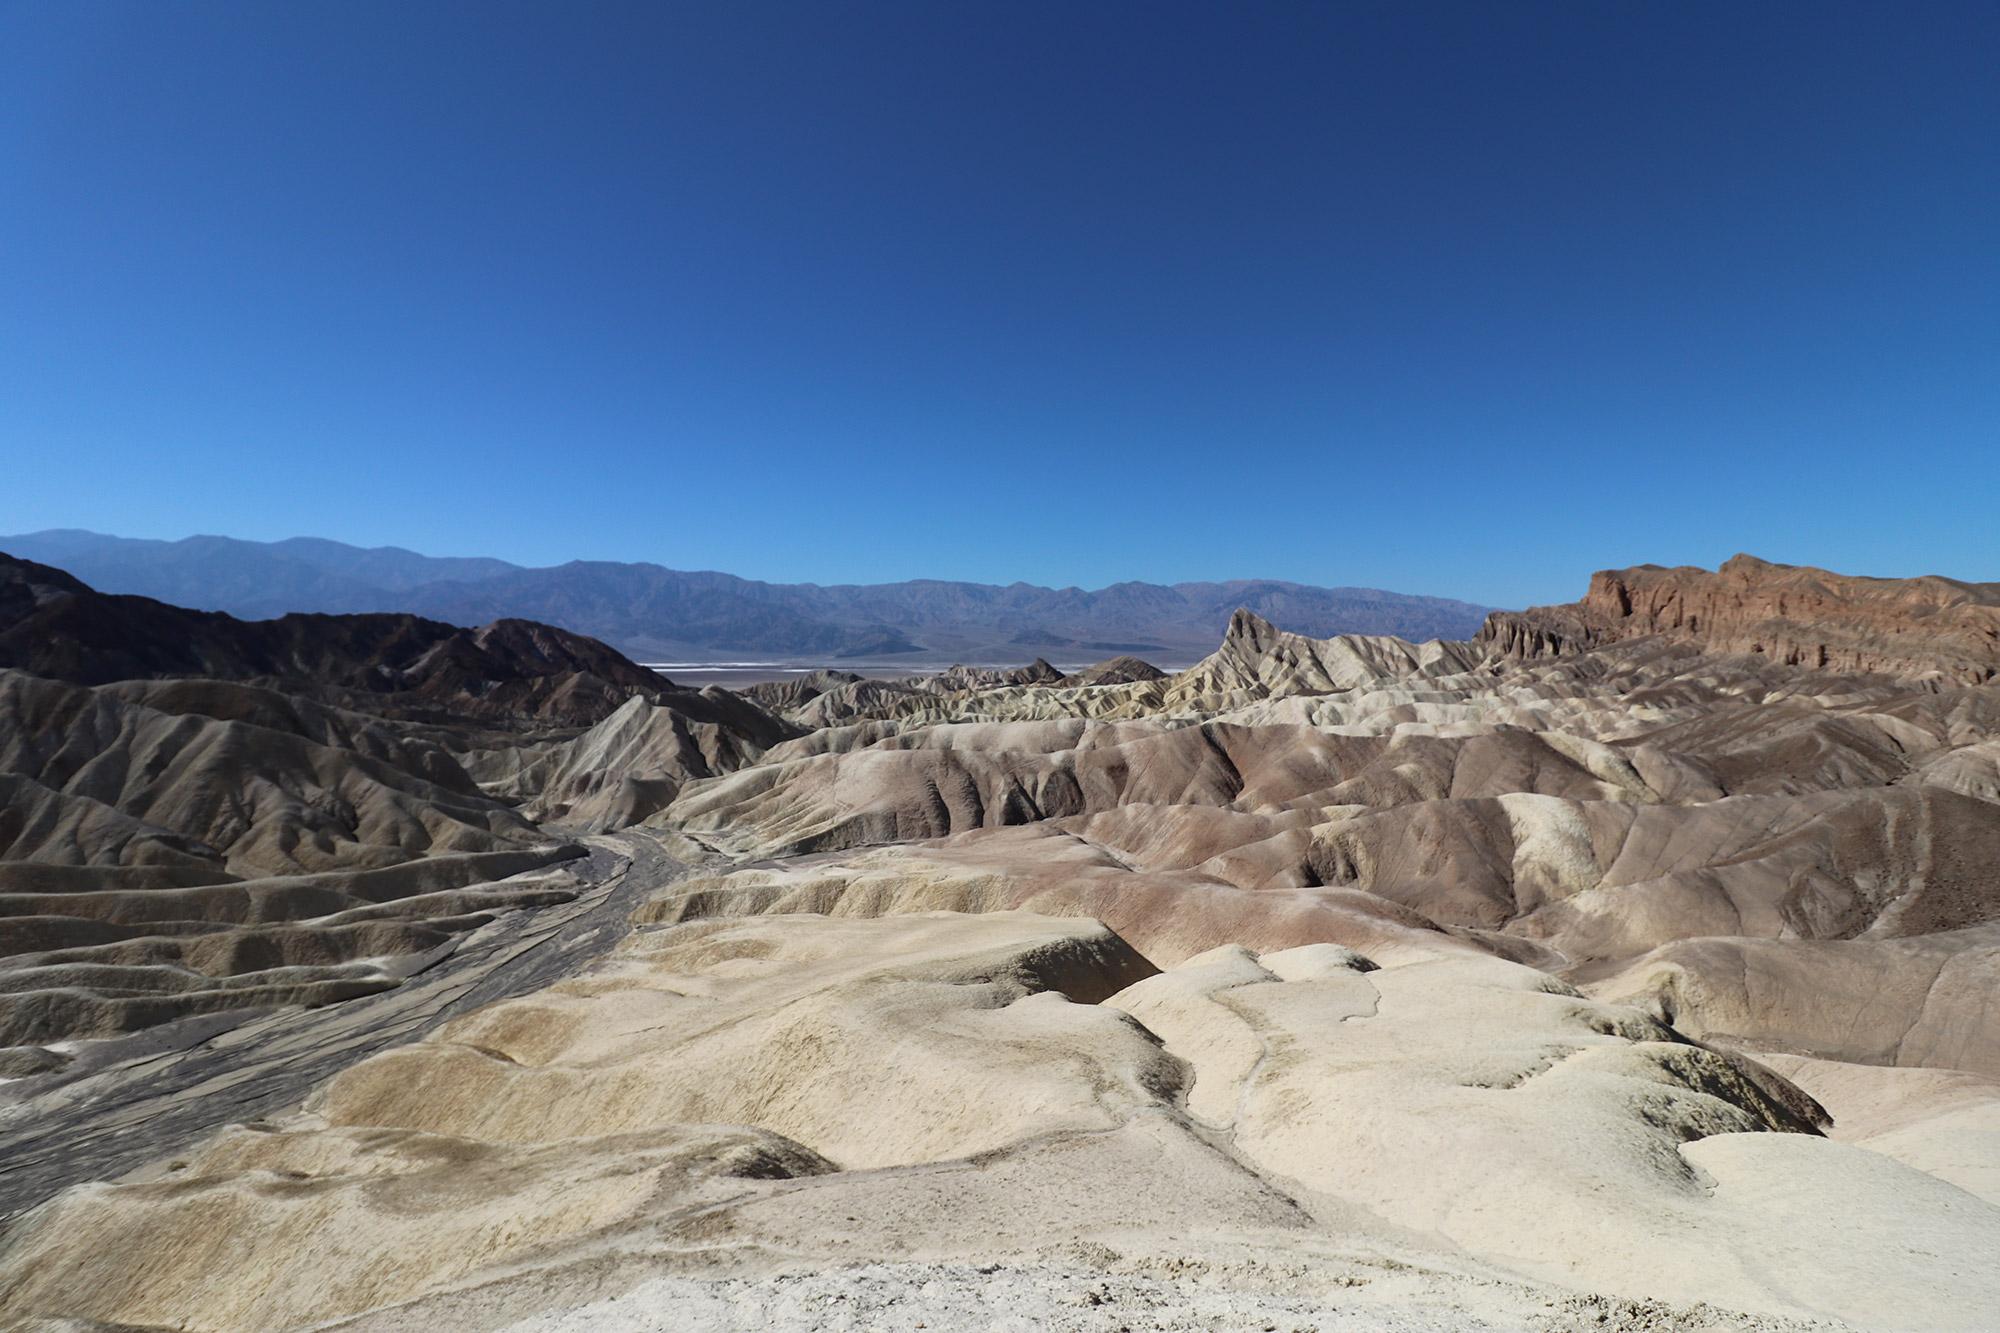 Amerika dag 18 - Death Valley National Park - Zabriskie Point